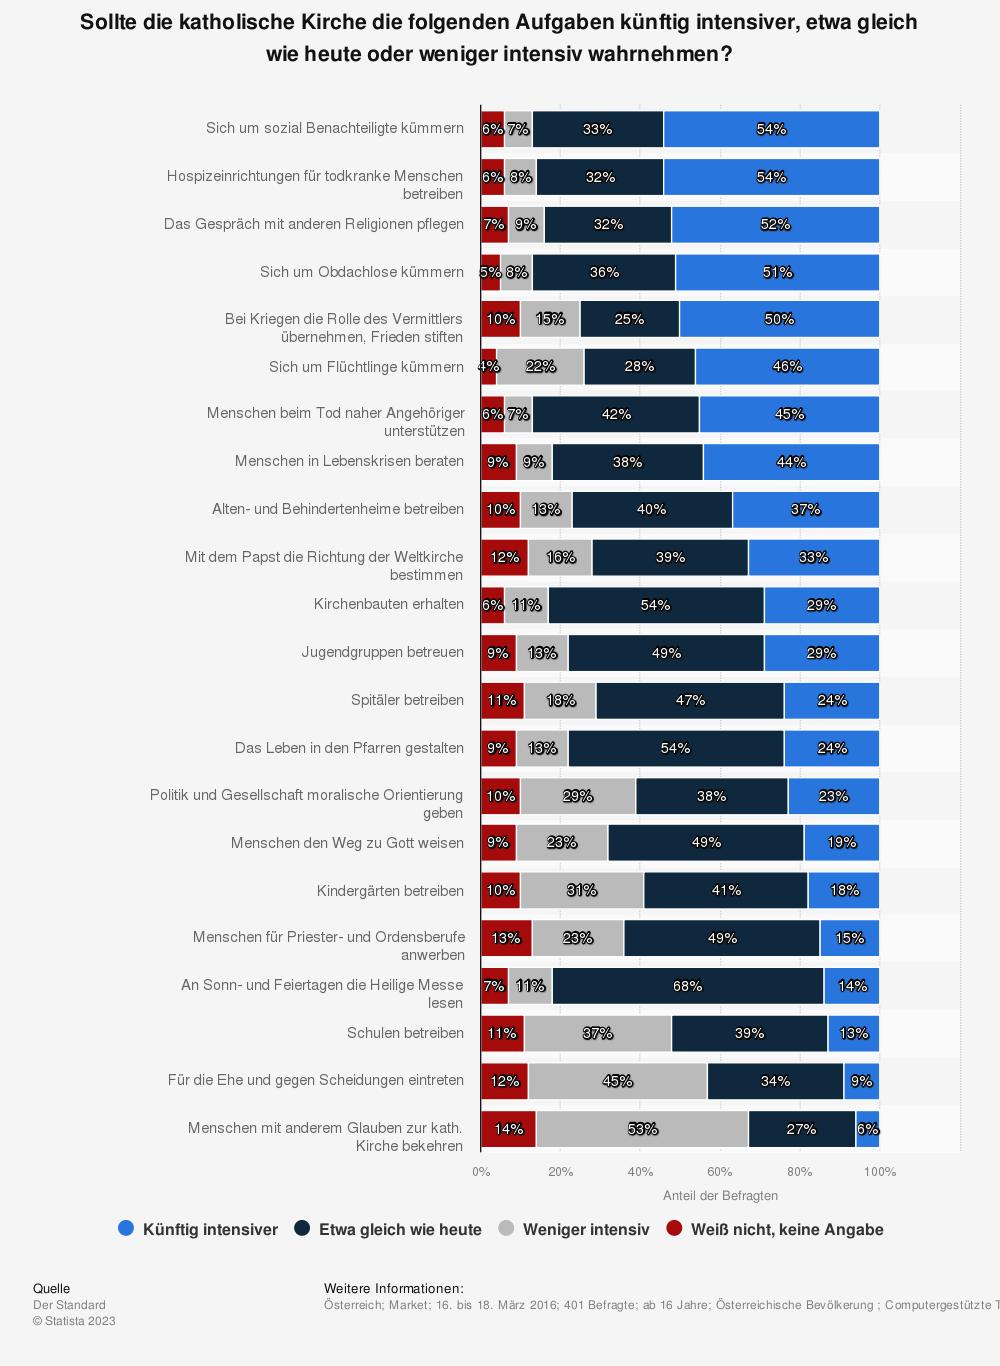 Statistik: Sollte die katholische Kirche die folgenden Aufgaben künftig intensiver, etwa gleich wie heute oder weniger intensiv wahrnehmen? | Statista